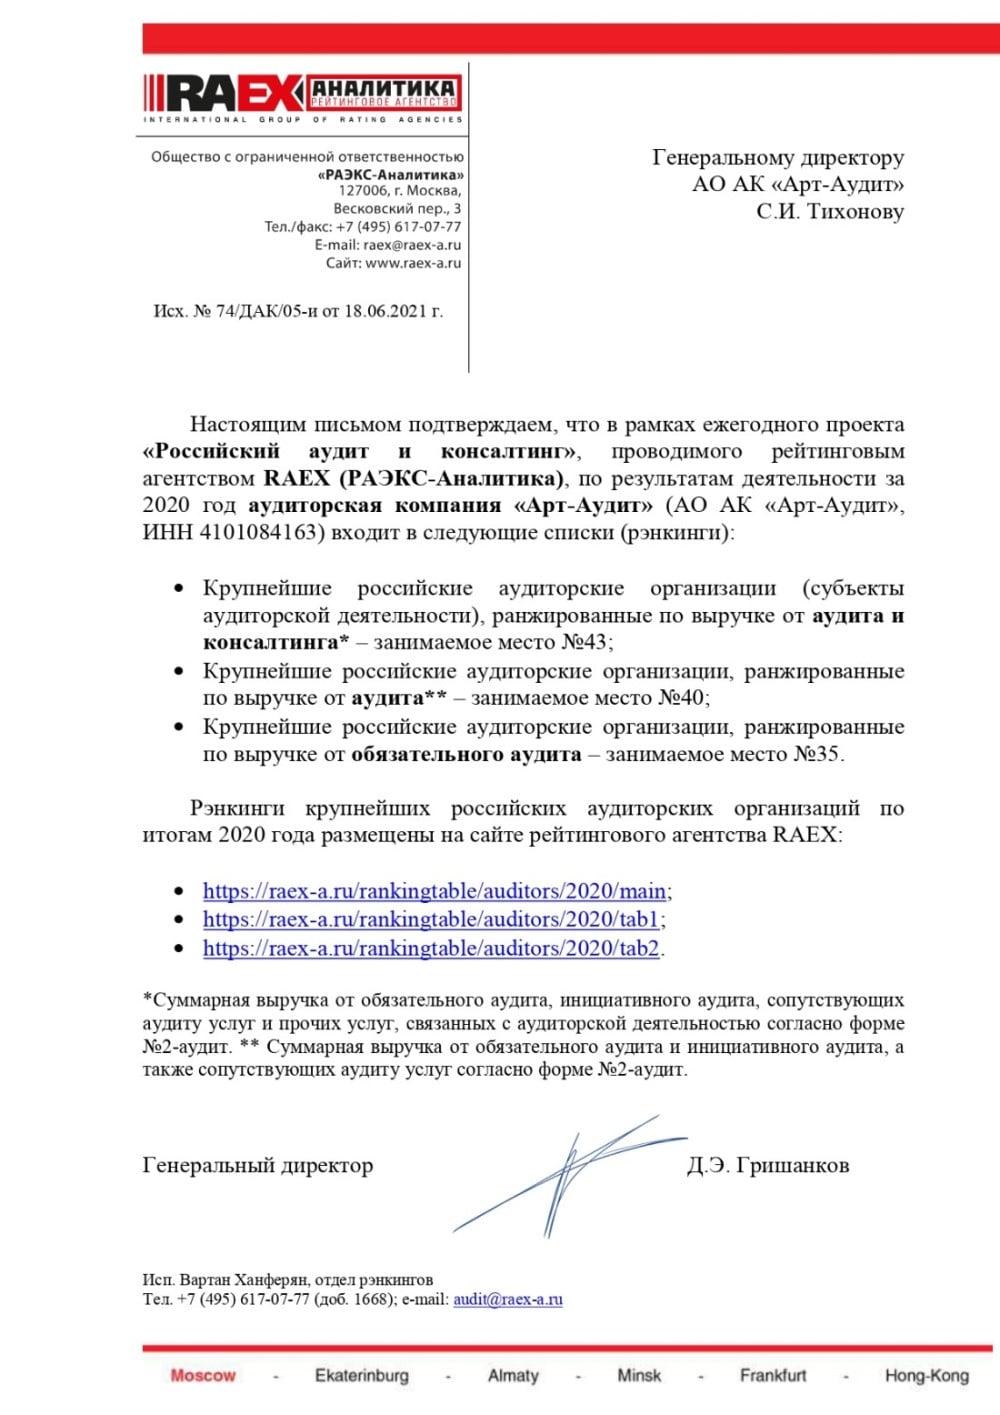 все рейтинги АО АК АРТ-АУДИТ за 2020 год письмо от ЭКСПЕРТ РА